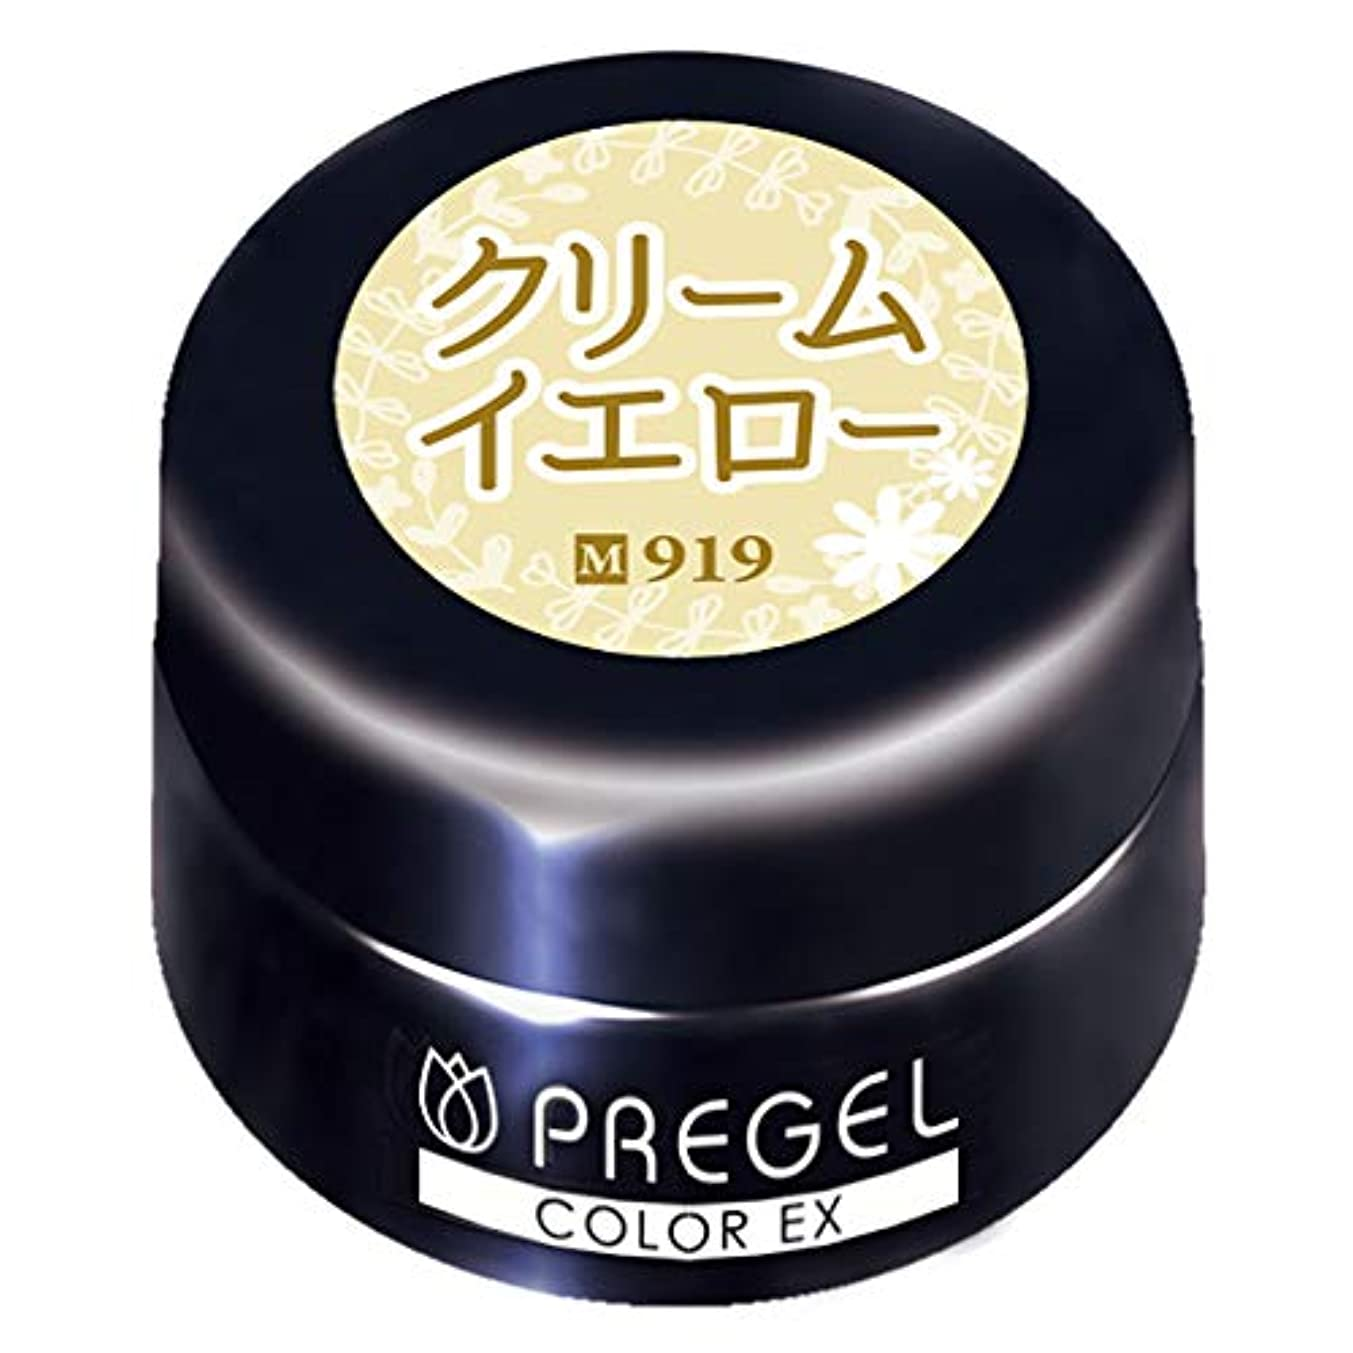 アーサーコナンドイル雰囲気良心PRE GEL カラーEX クリームイエロー919 3g PG-CE919 UV/LED対応